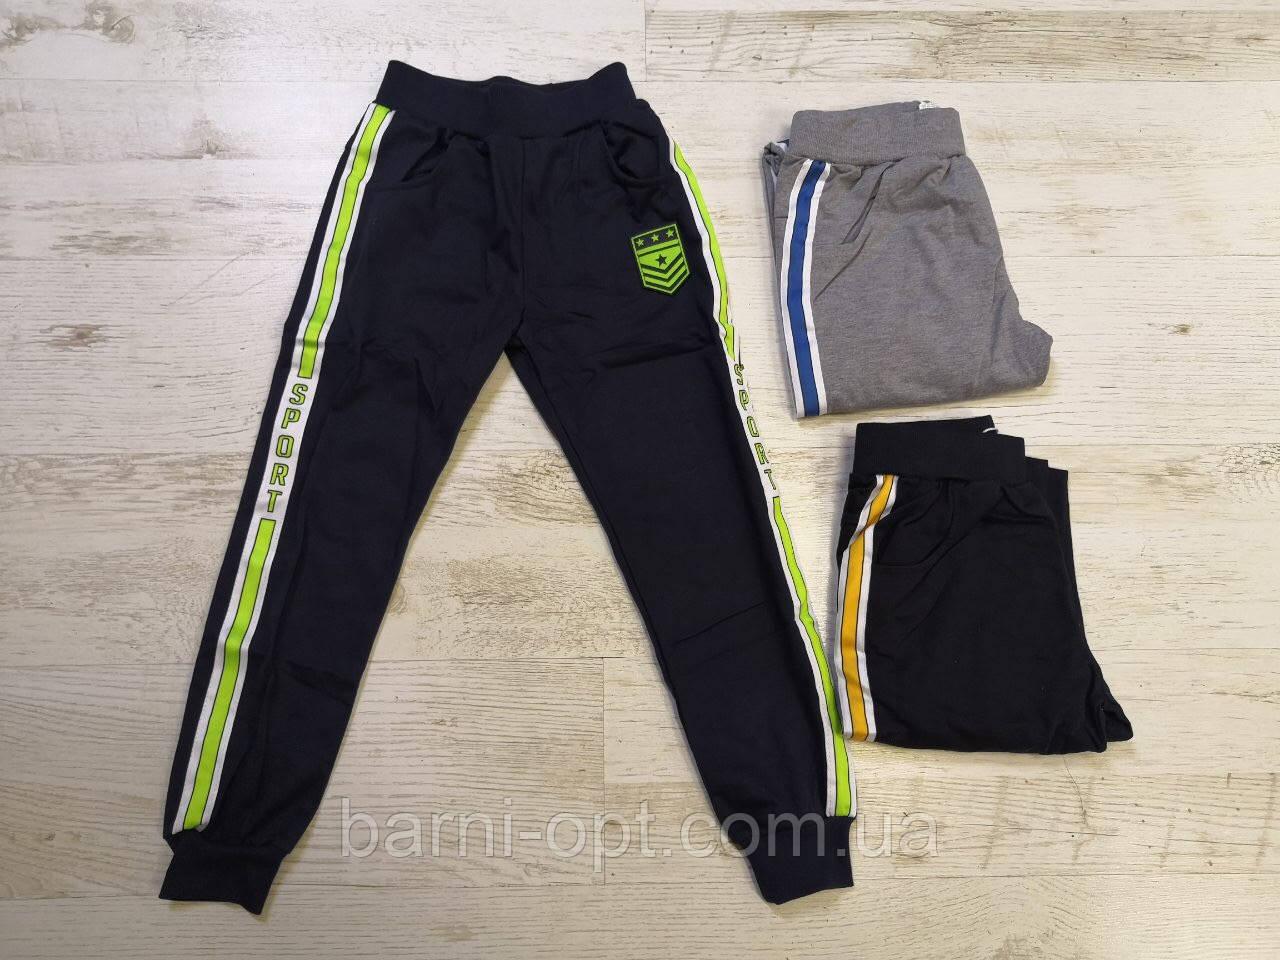 Спортивные брюки для мальчиков оптом, Mr. David, 134-164 рр.